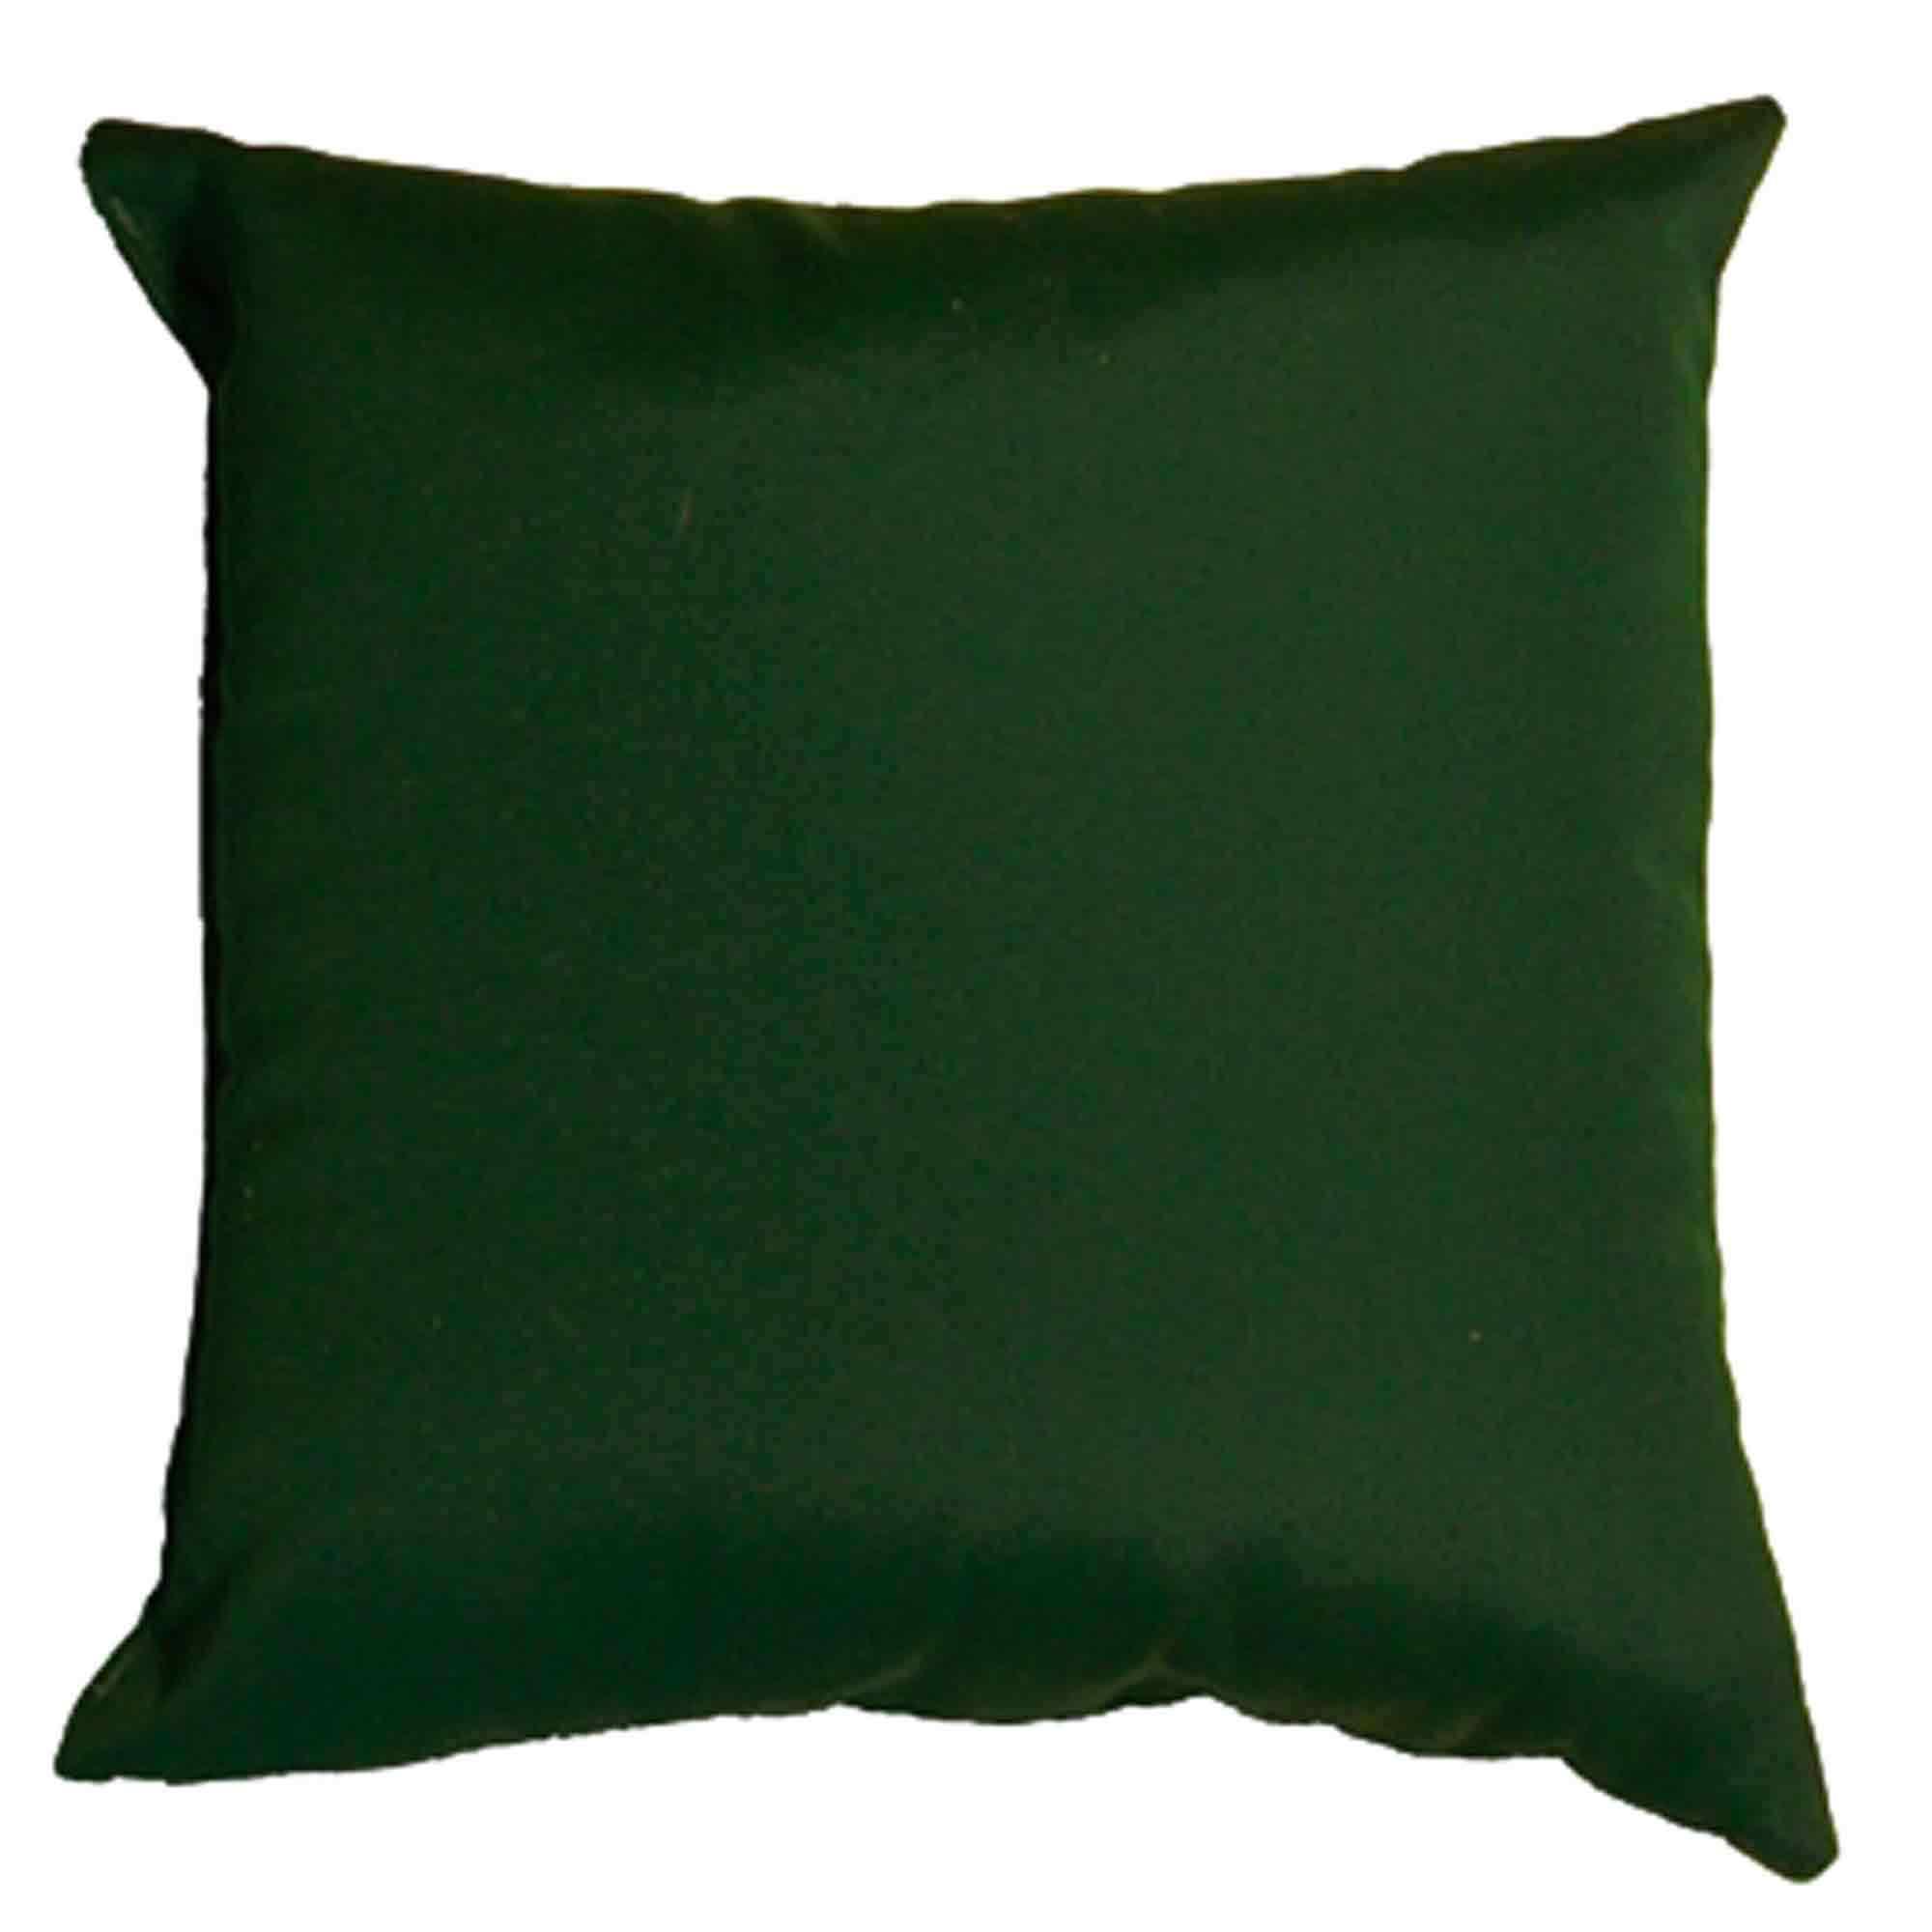 Shop Forest Green Sunbrella Outdoor Throw Pillow 16 in x